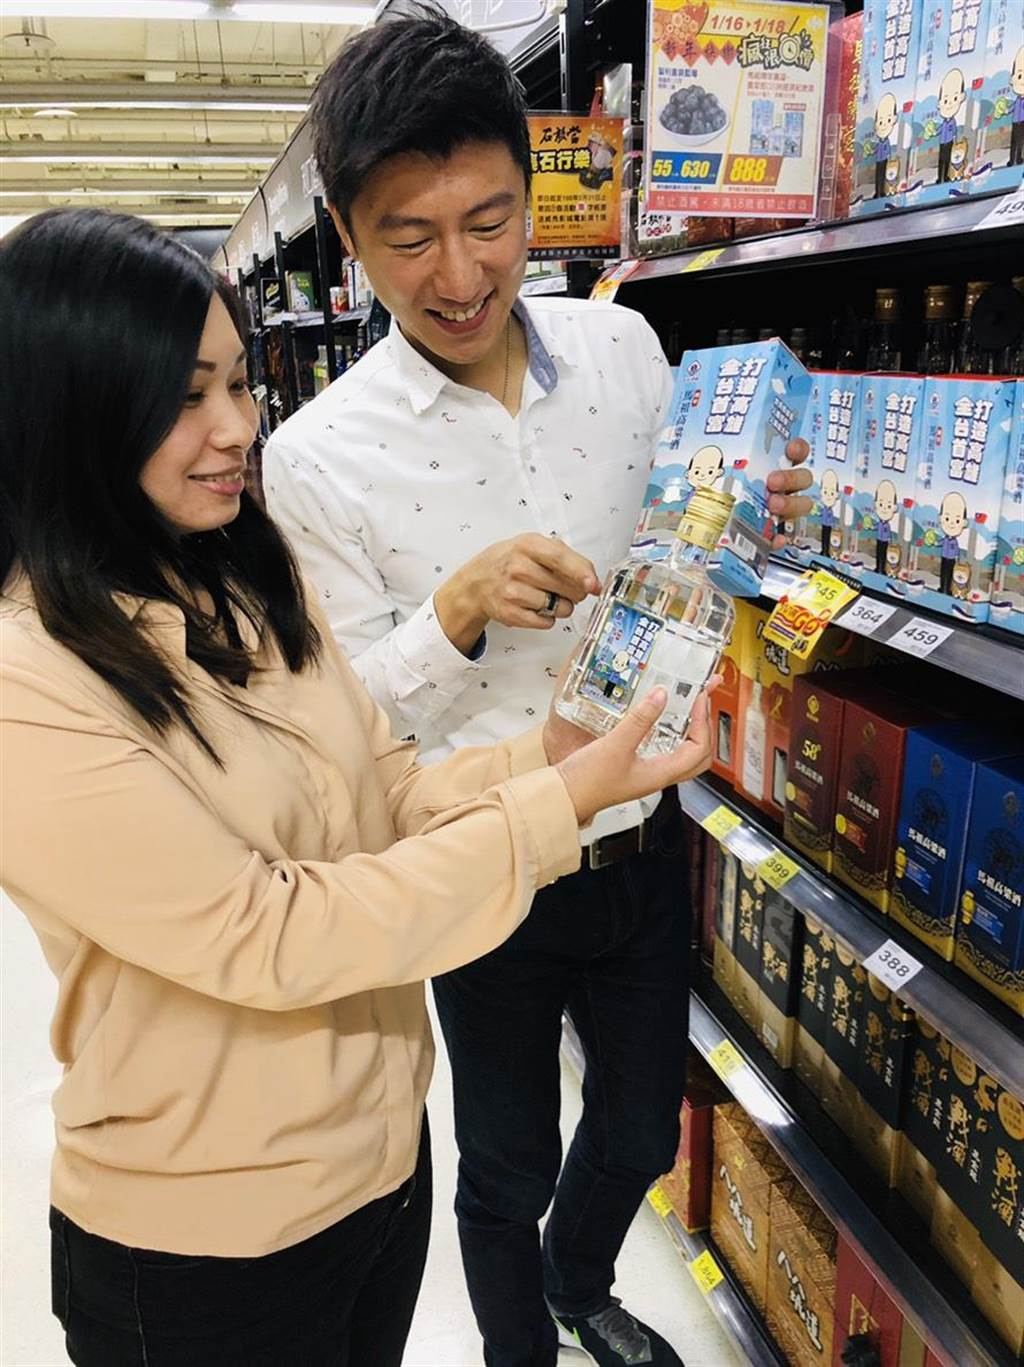 韓國瑜就職紀念酒,封面由高雄市政府授權韓市長彩繪Q版人像。圖/家樂福提供